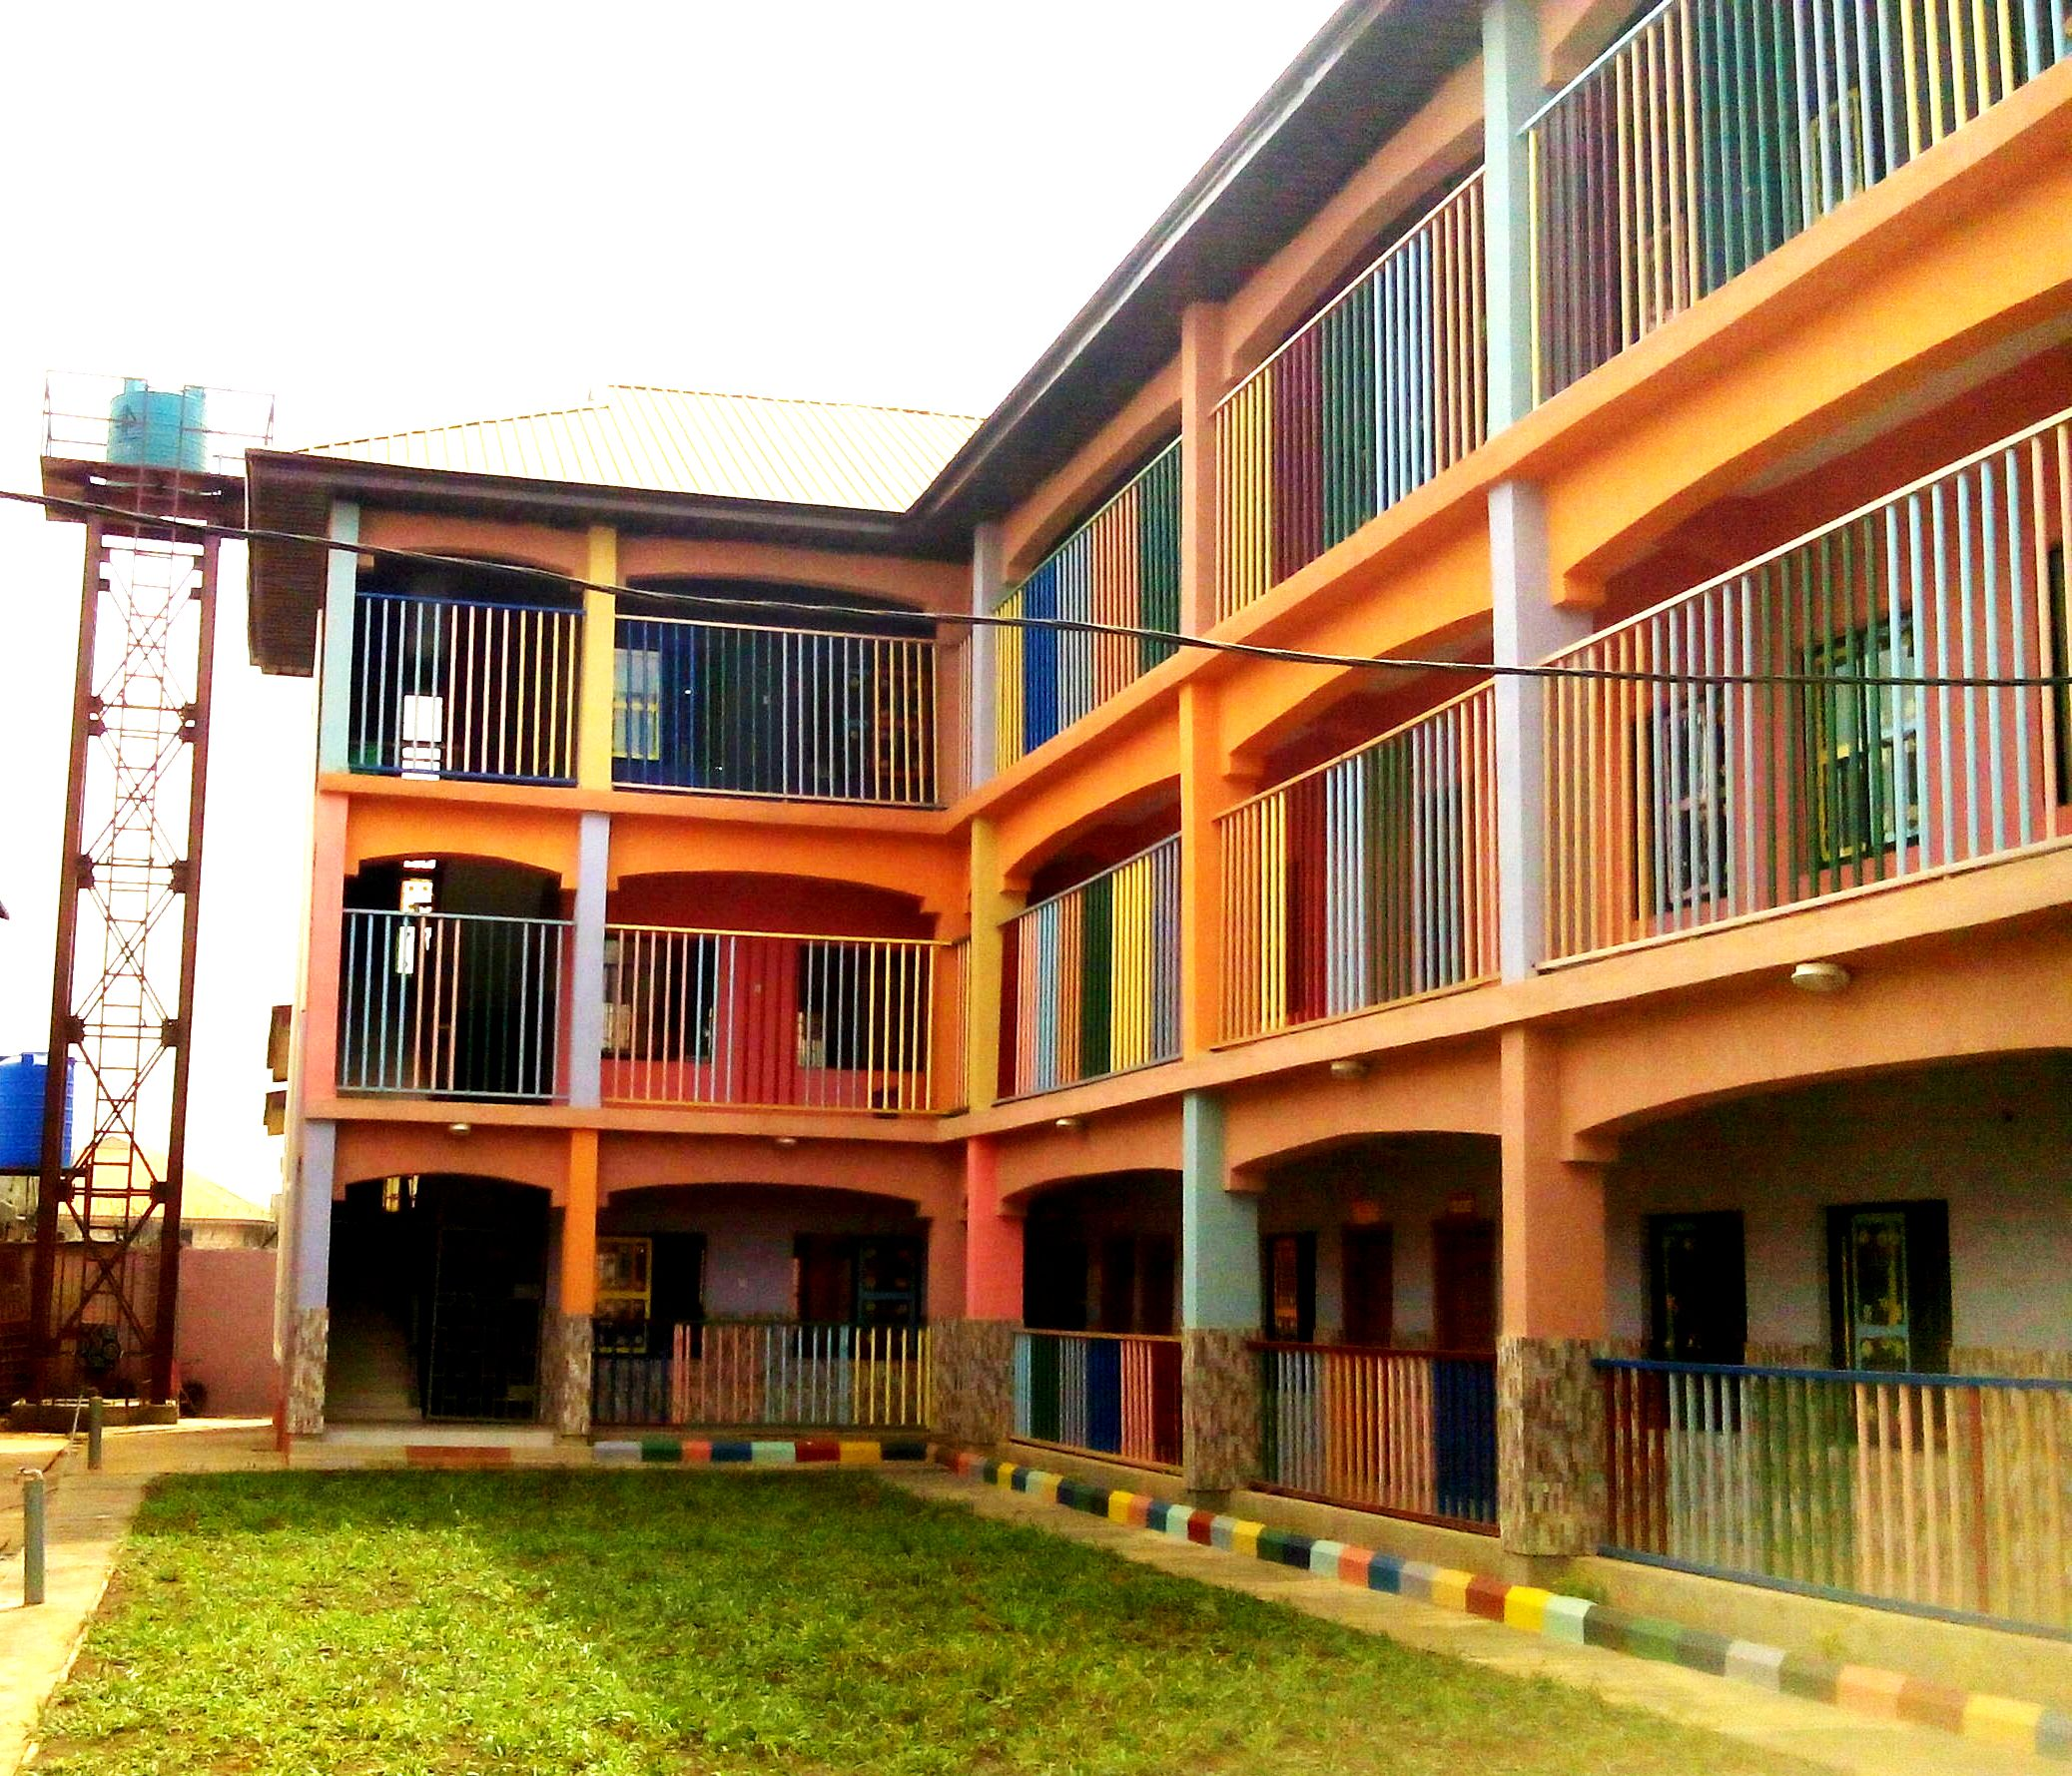 Garland School compound